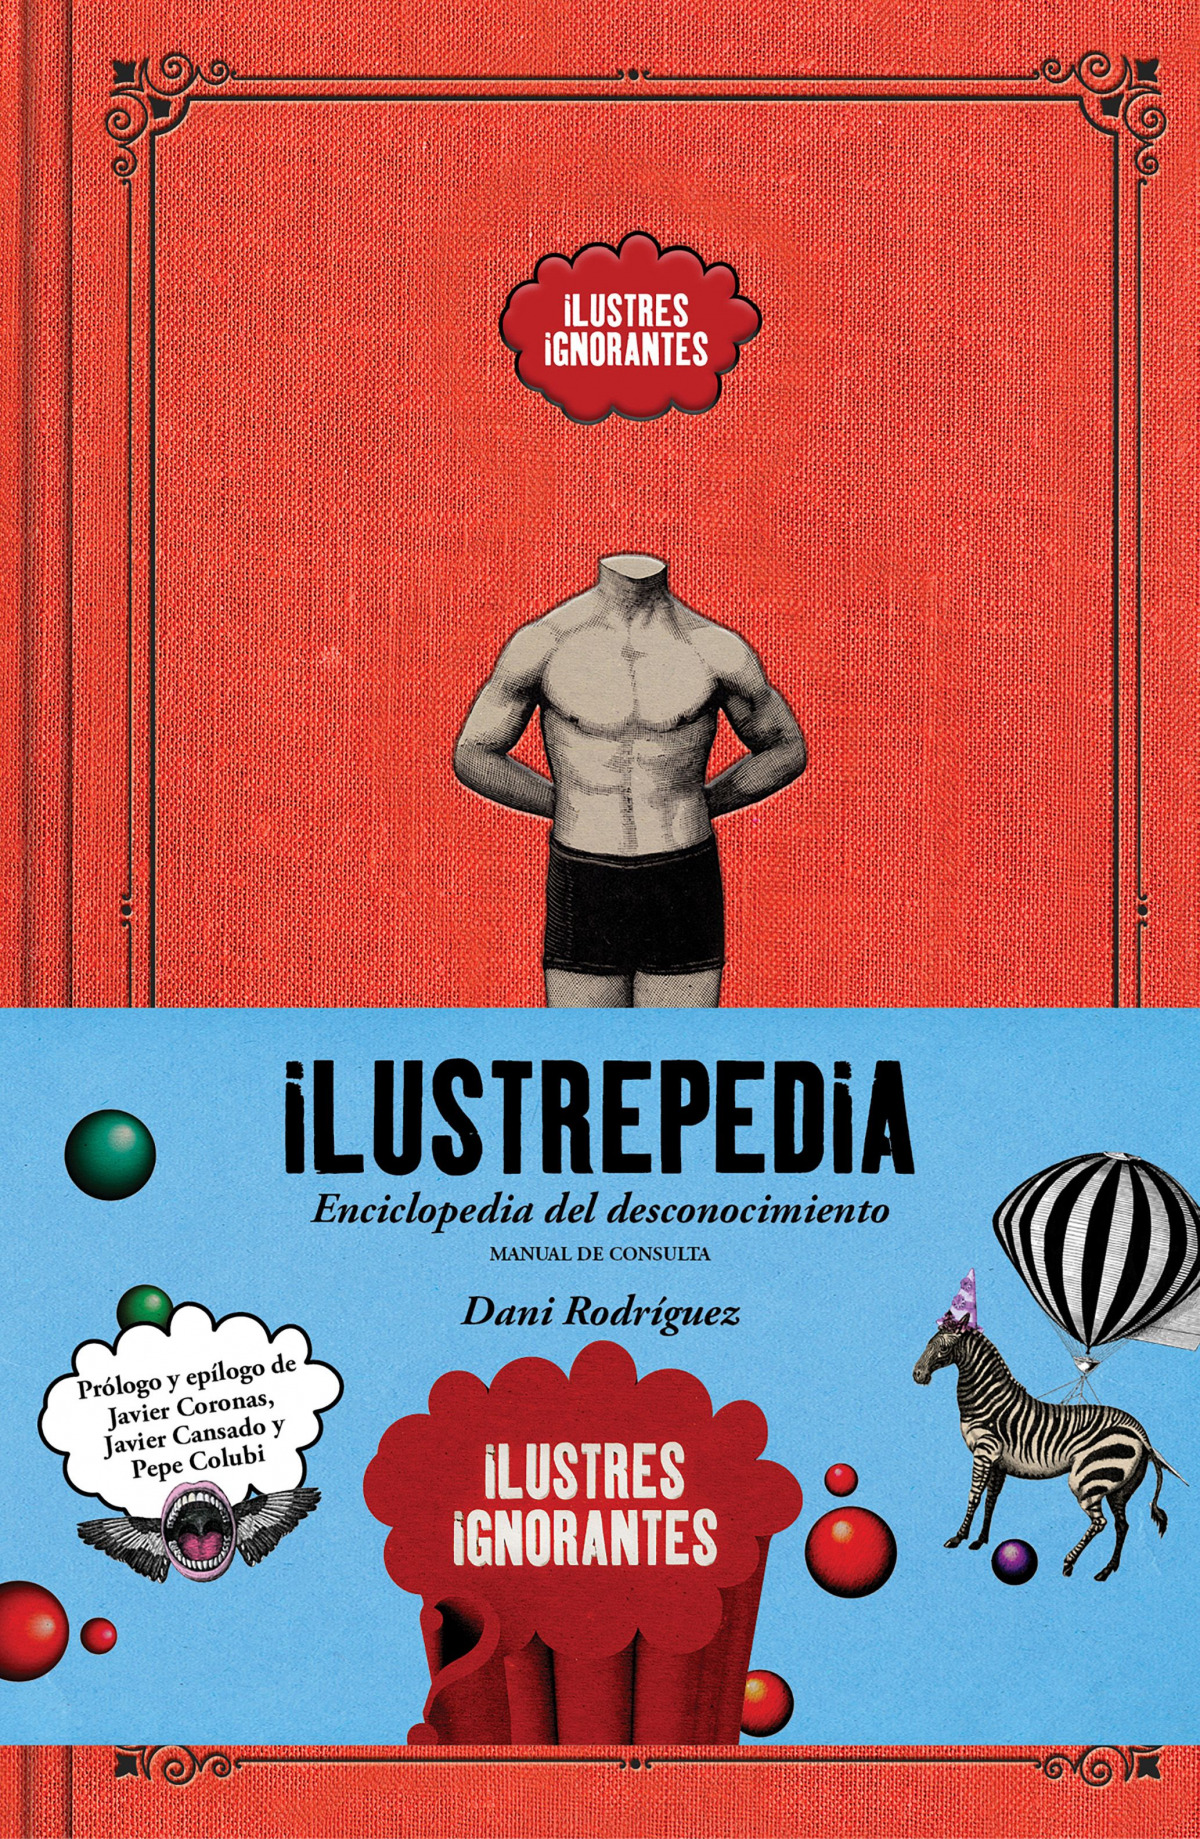 Ilustrepedia 9788418260391